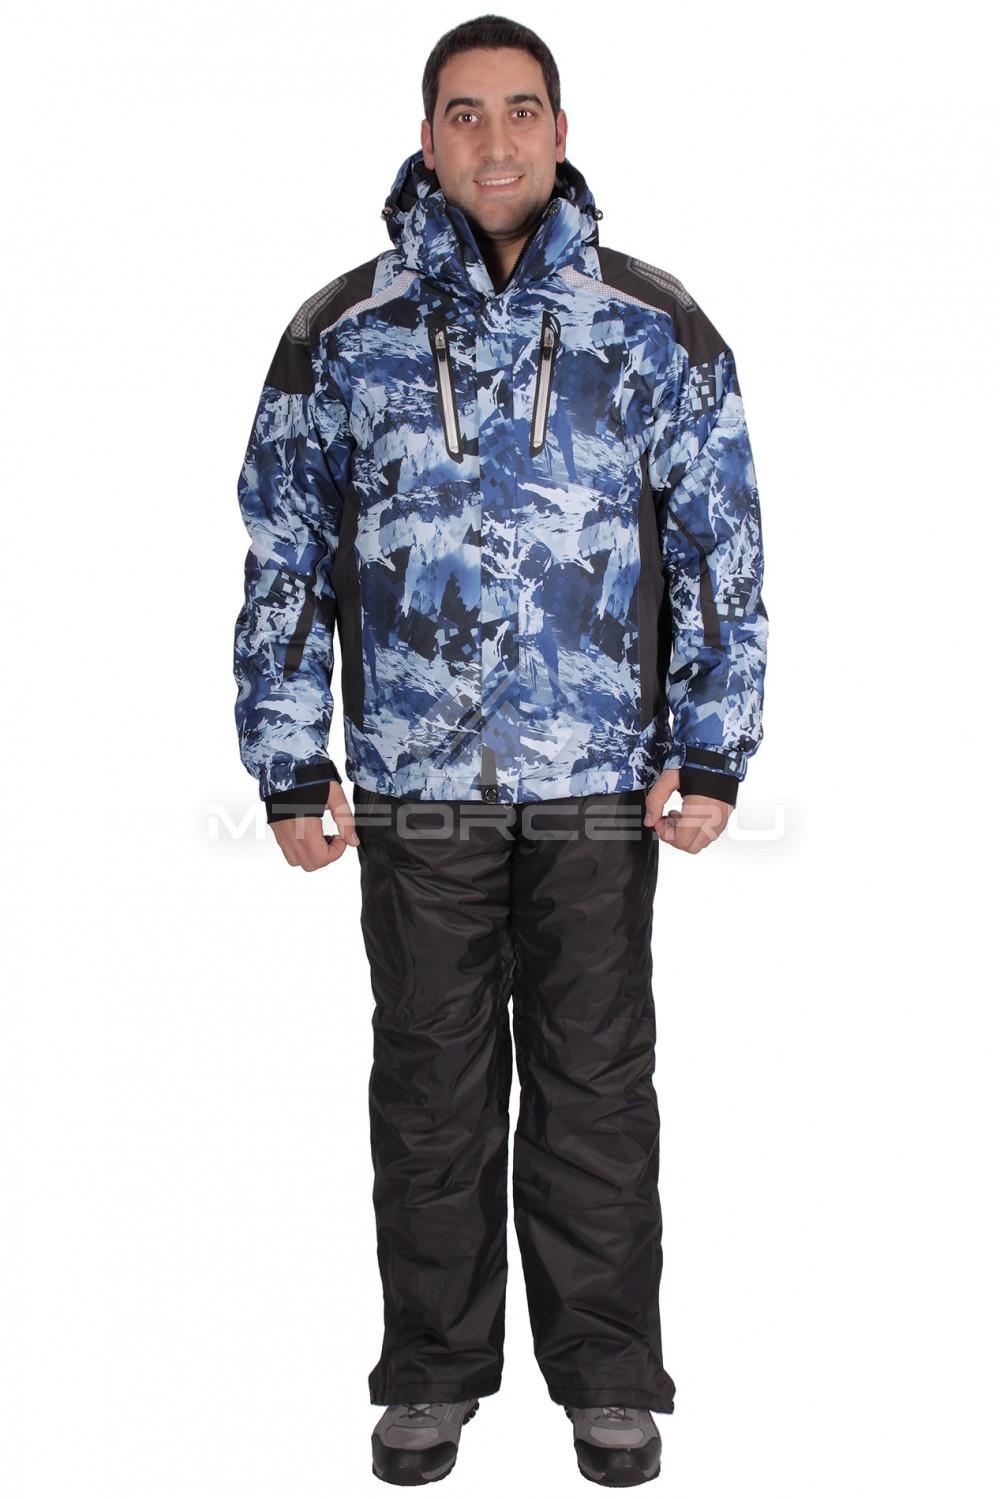 Купить                                  оптом Костюм горнолыжный мужской синего цвета 01552-1S в Новосибирске